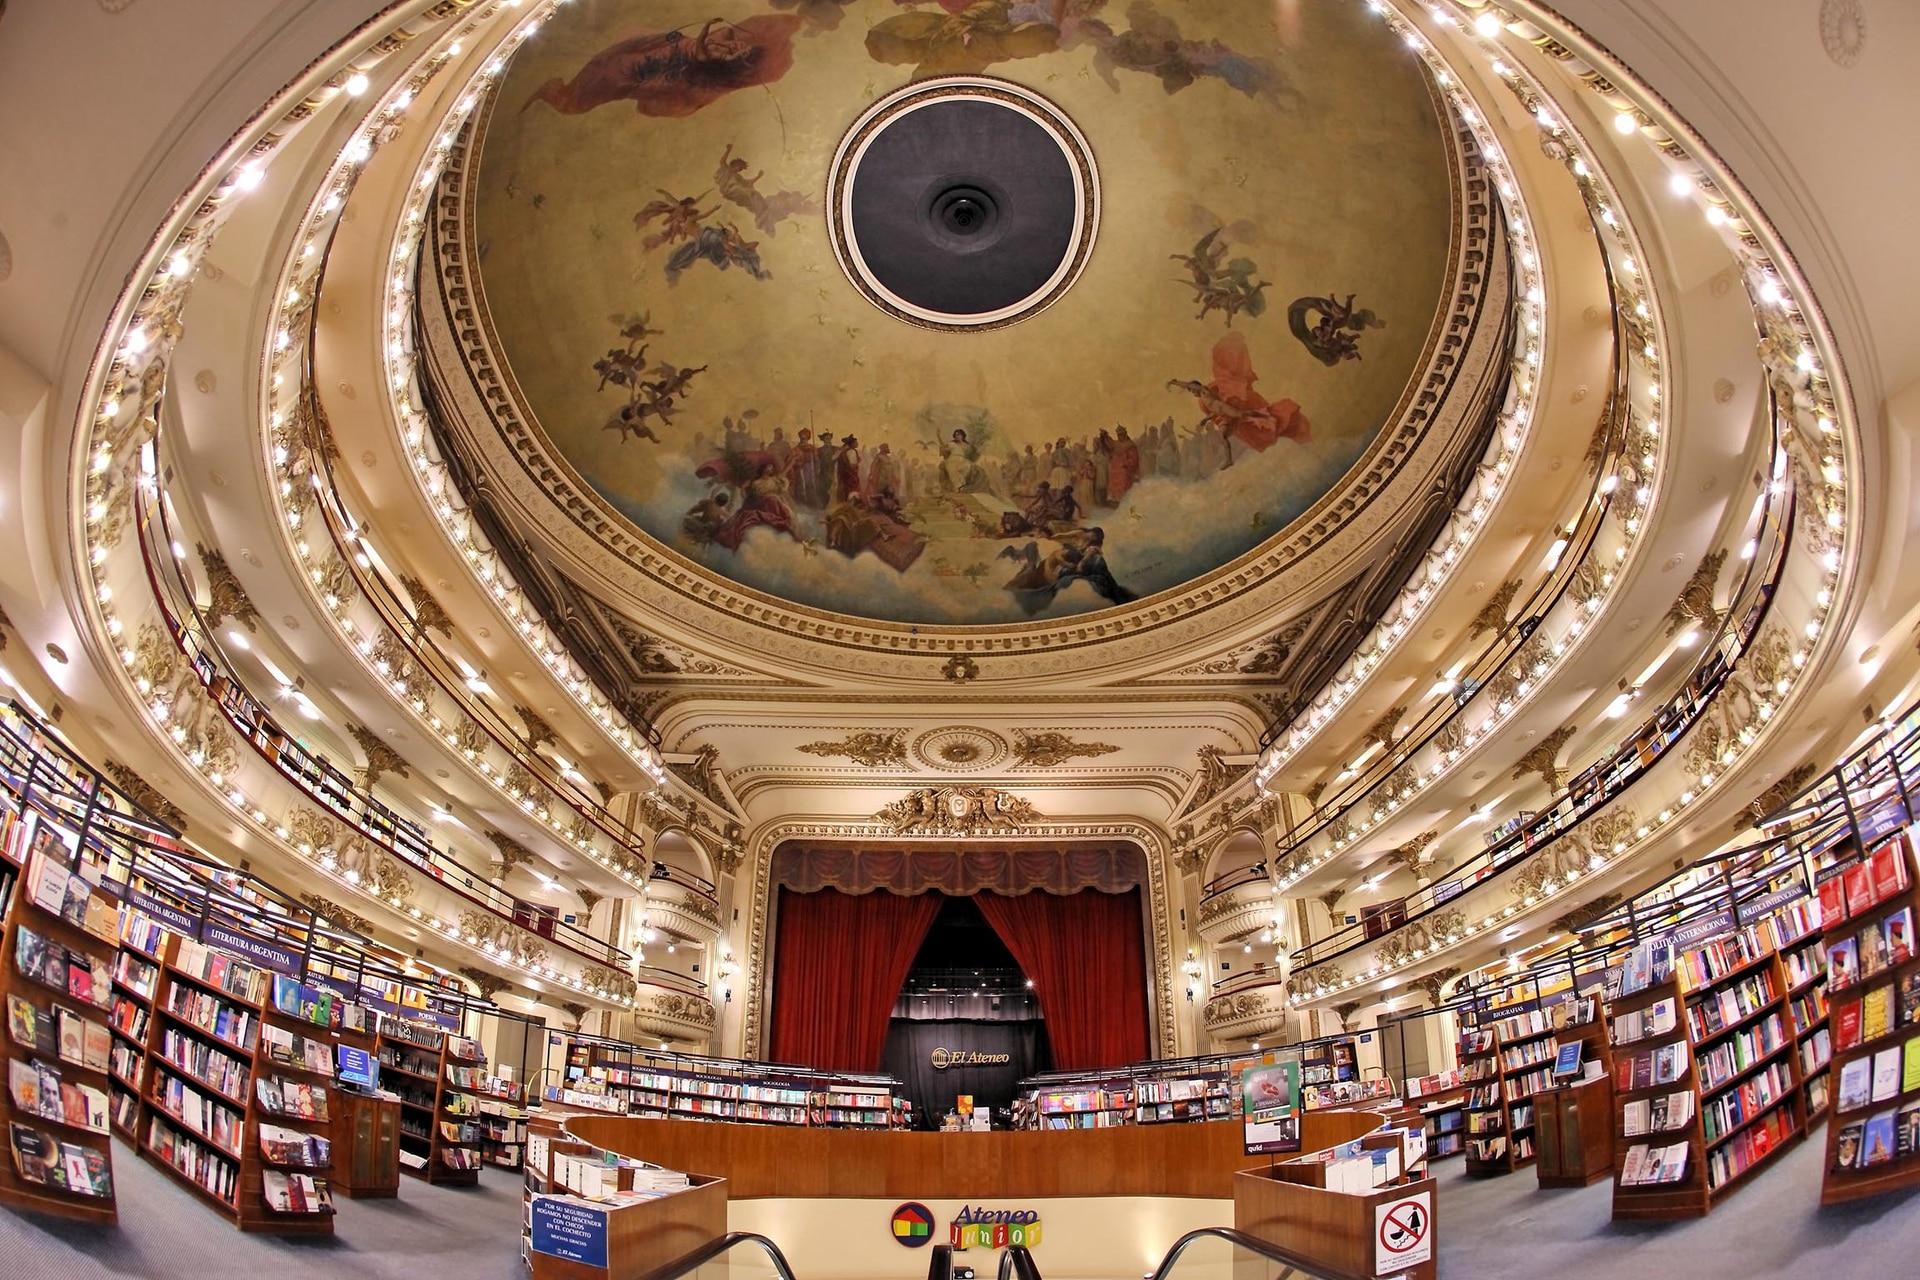 Su cúpula, uno de sus grandes atractivos, fue pintada por el pintor italiano Nazareno Orlandi con motivos que celebran el fin de la Primera Guerra Mundial